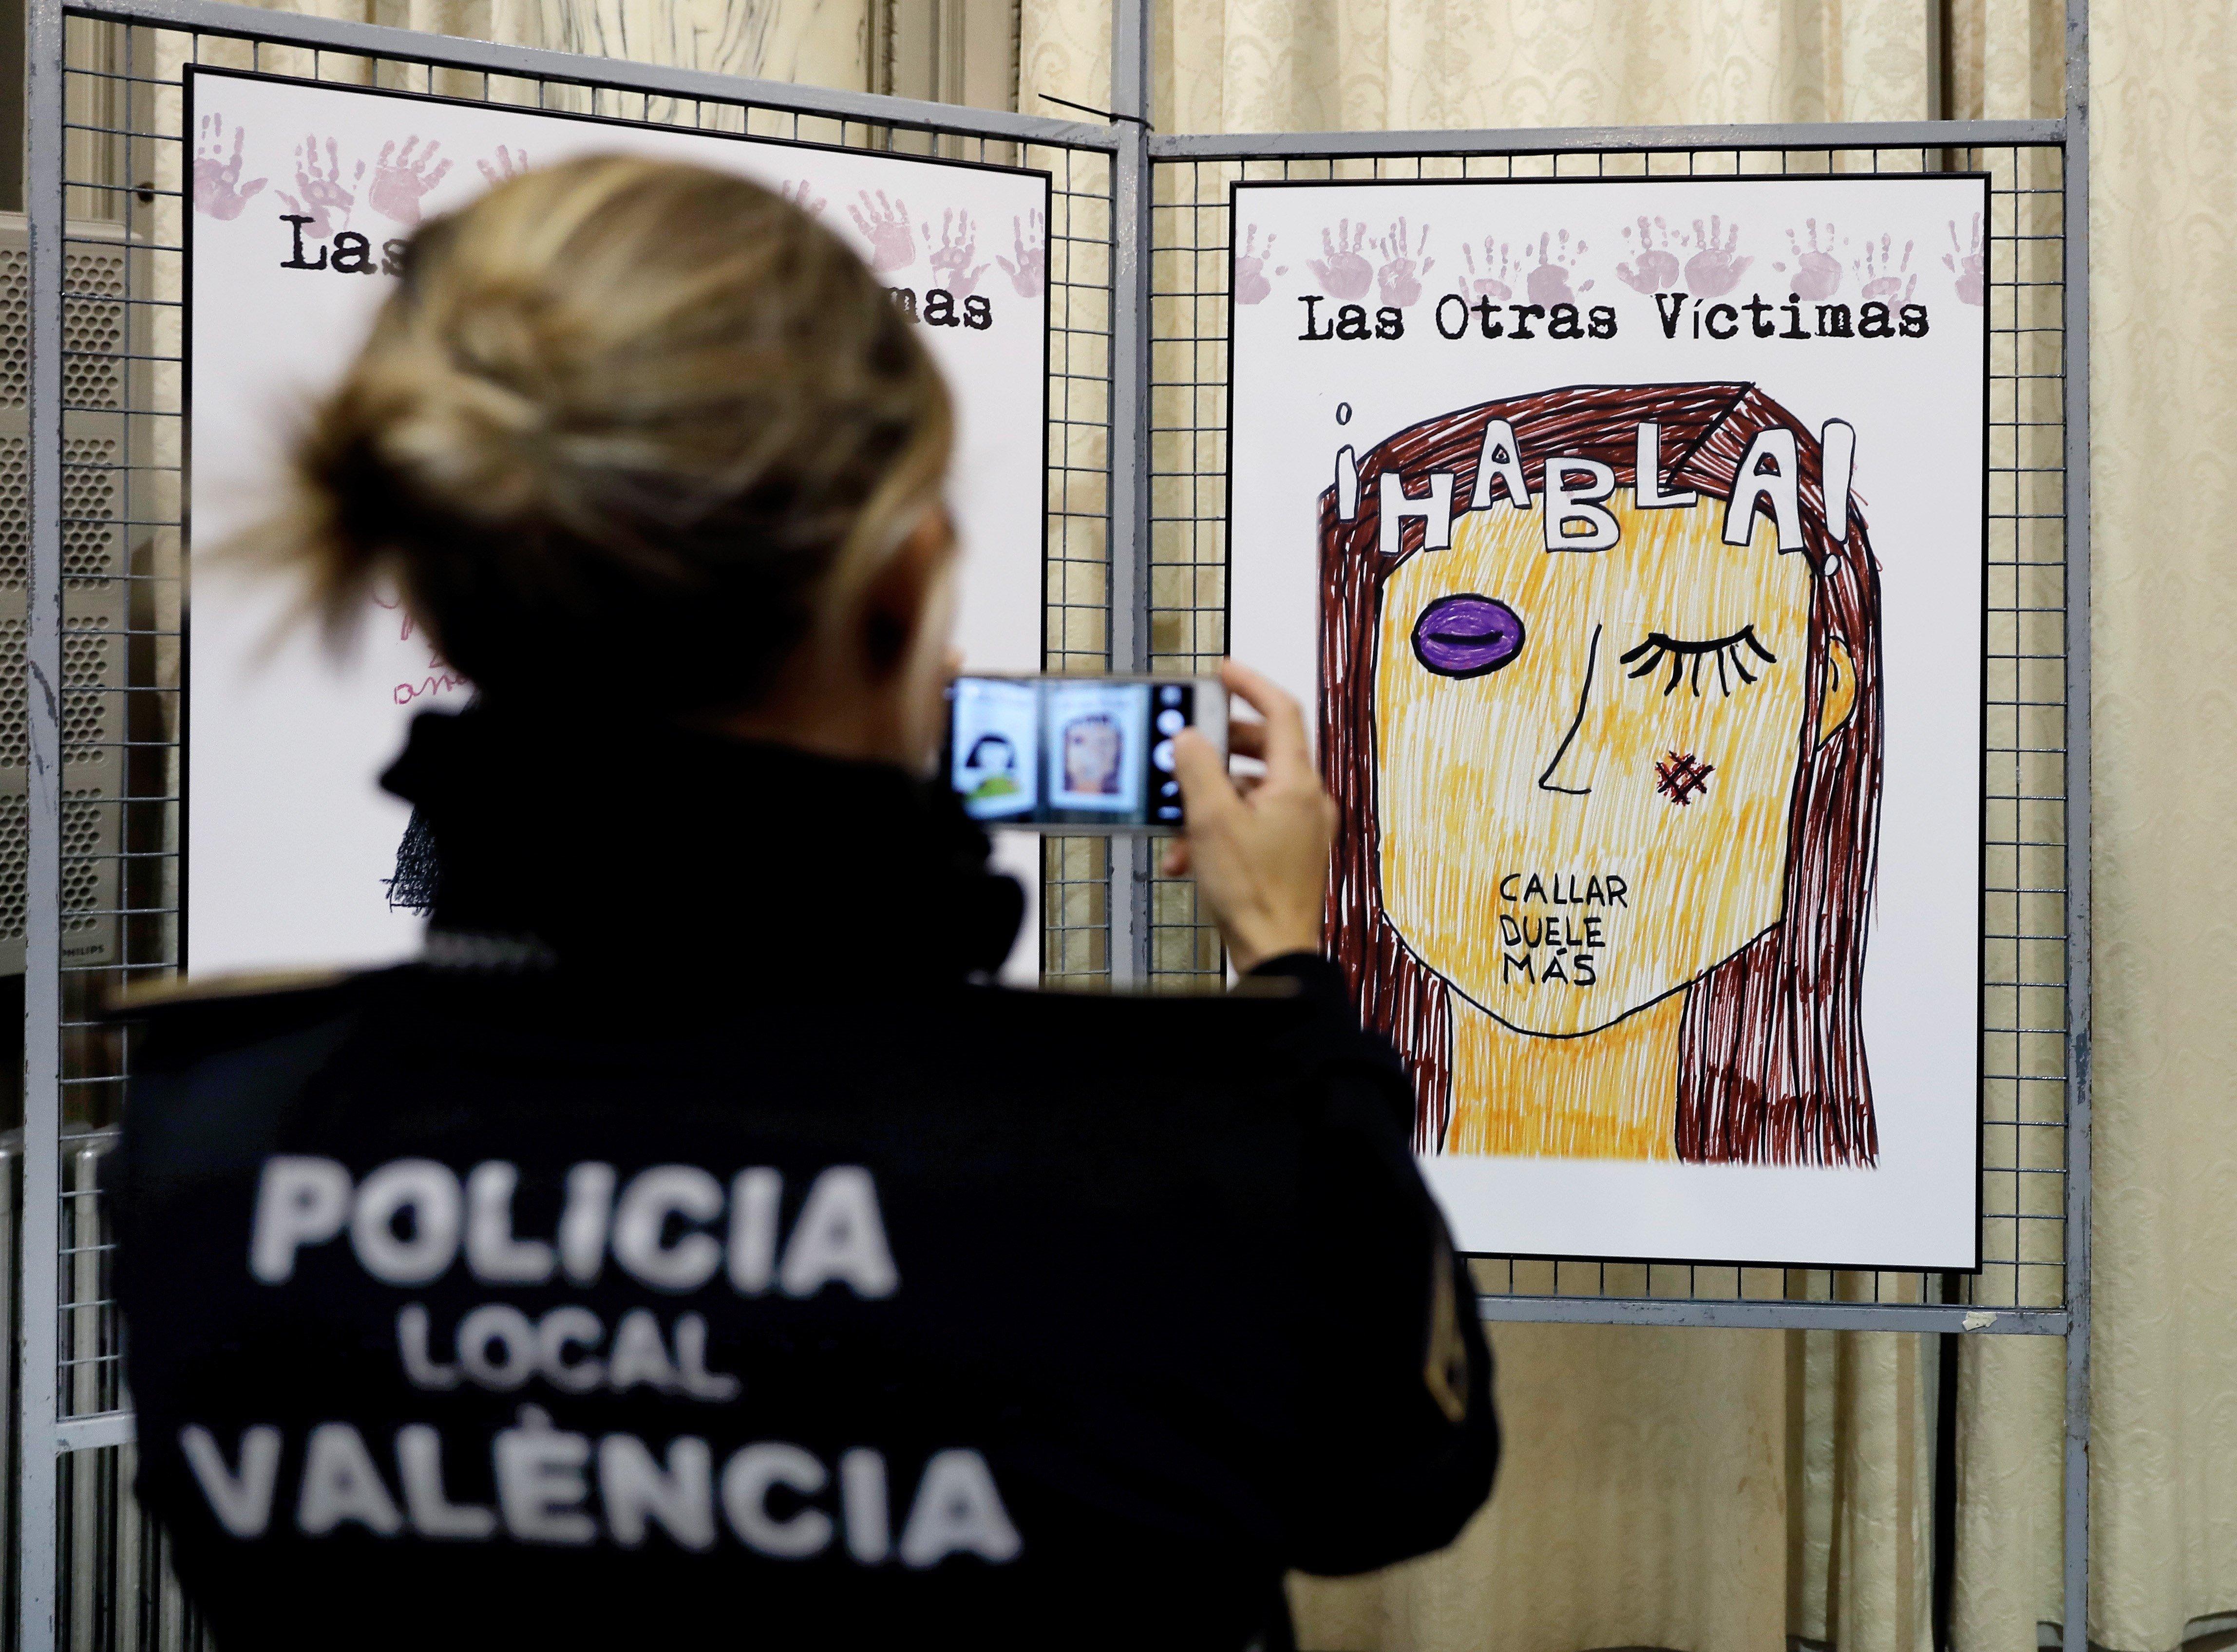 Una exposició presenta els dibuixos que han fet els fills de víctimes de violència masclista mentre els agents atenien les seves mares. /JUAN CARLOS CÁRDENAS